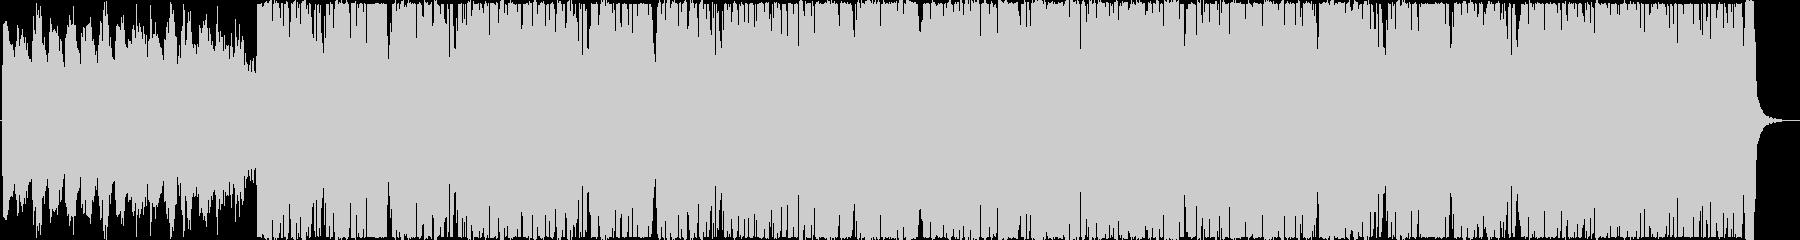 チャックマンジオーネっぽいフュージョン曲の未再生の波形